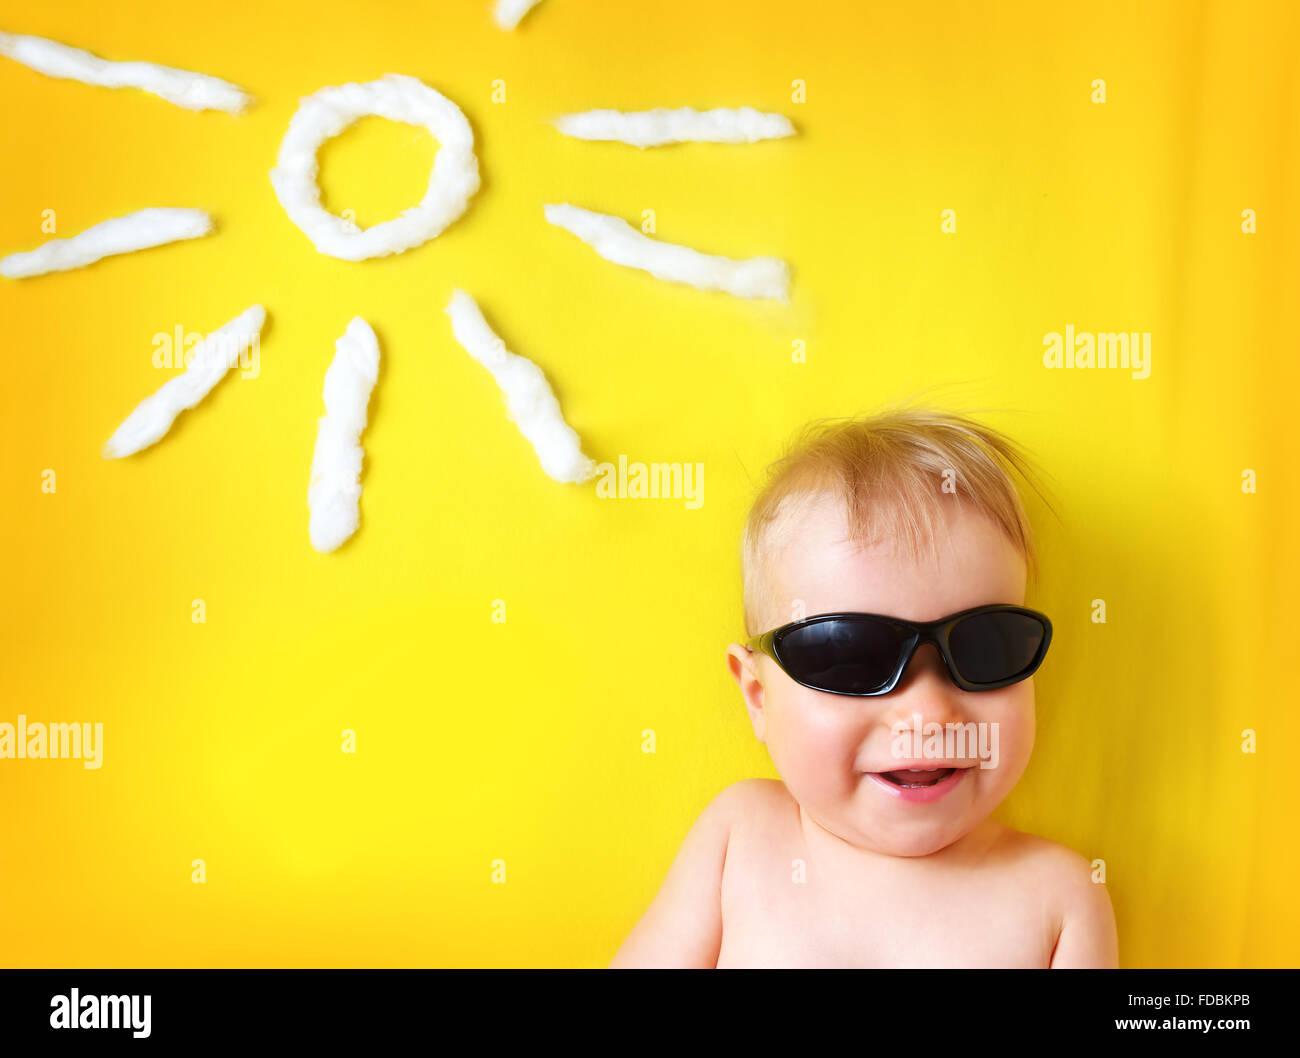 Chico con gafas de sol y forma sol Imagen De Stock